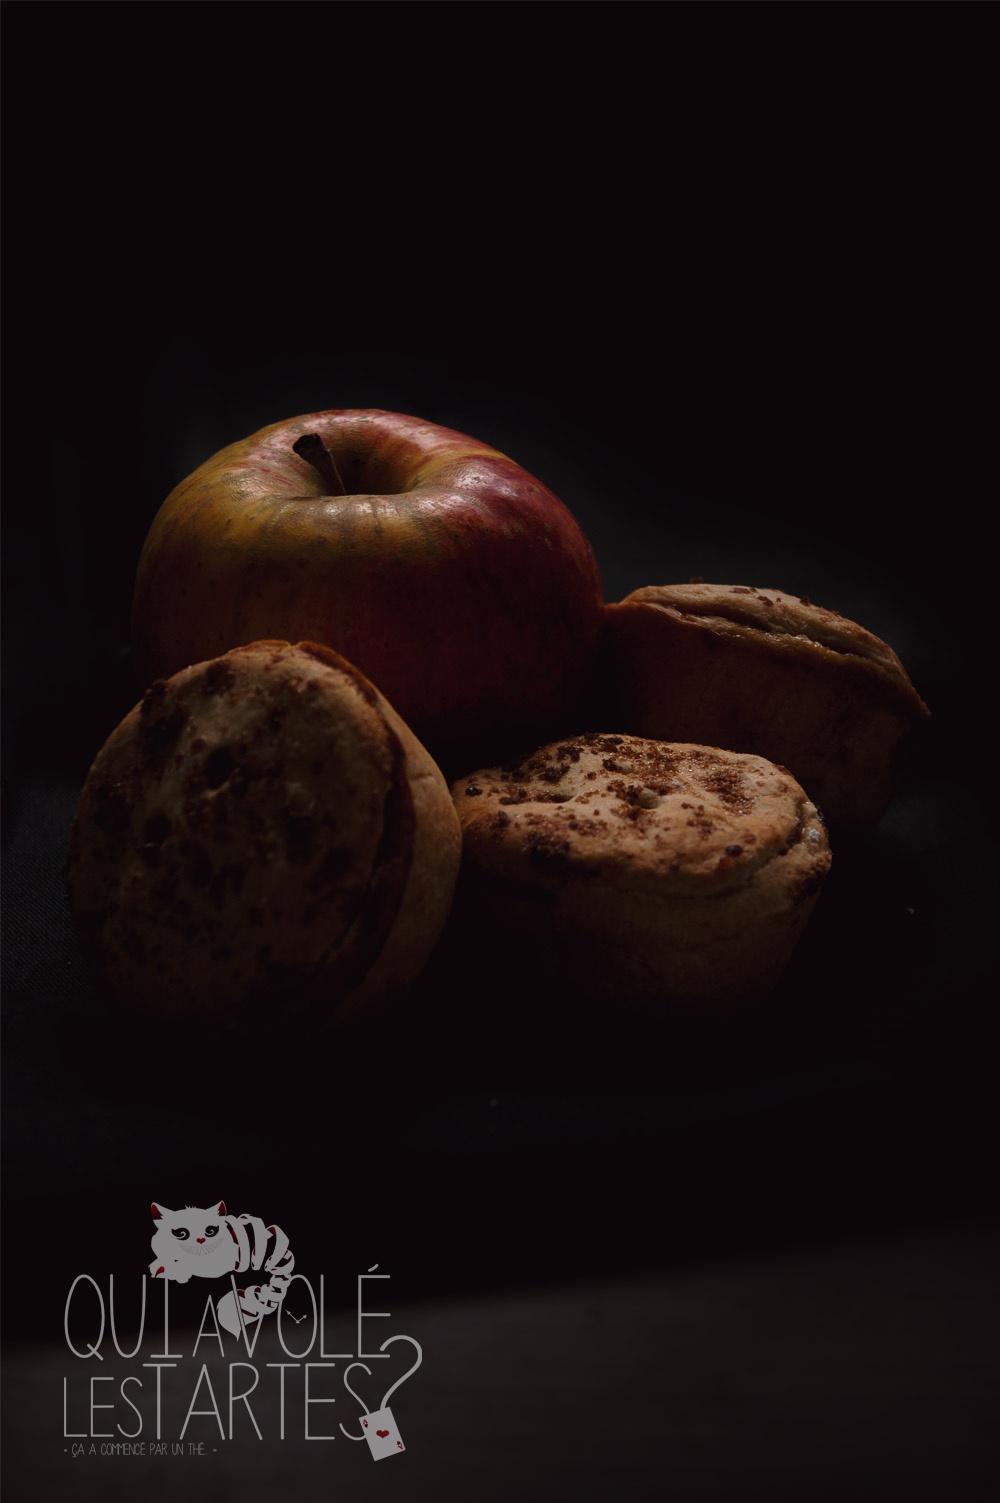 Tourtes à l'ancienne sans gluten 7 - Studio de création - Qui a volé les tartes- Copyright